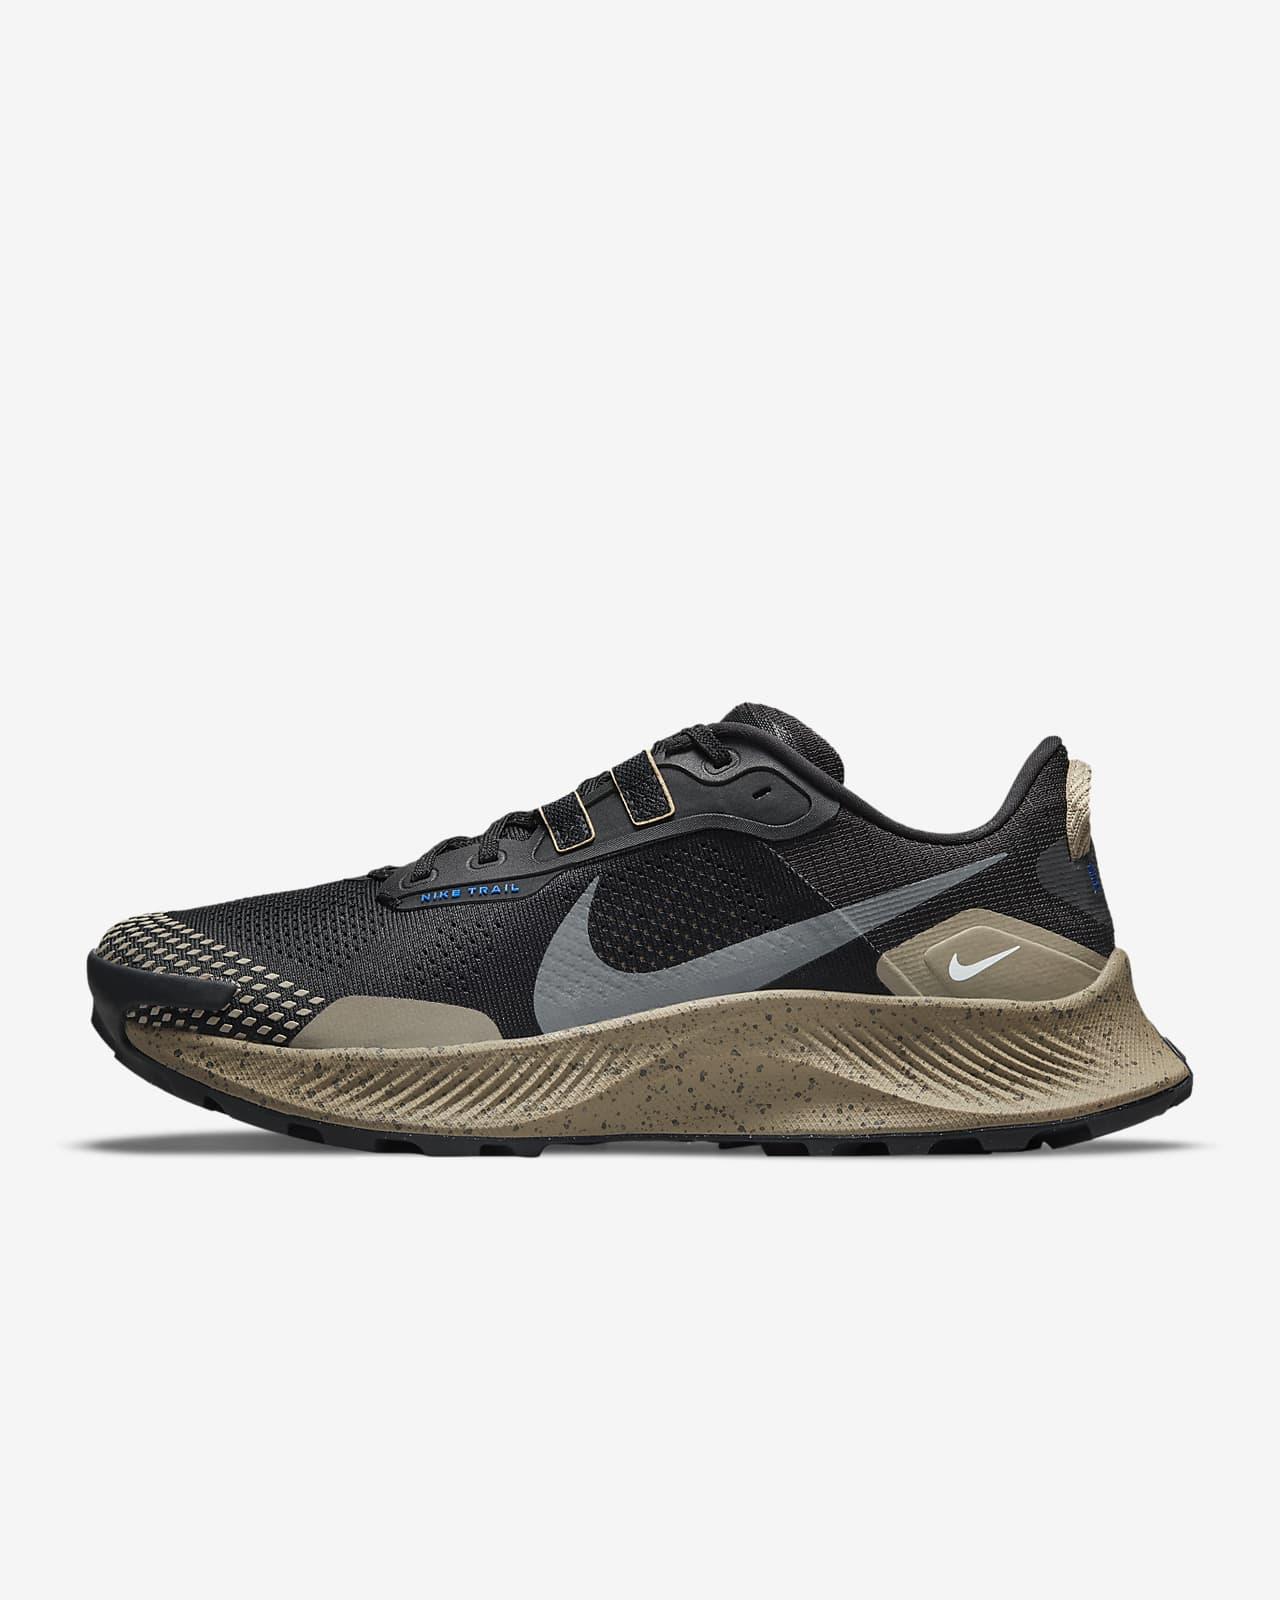 Ανδρικό παπούτσι για τρέξιμο σε ανώμαλο δρόμο Nike Pegasus Trail 3